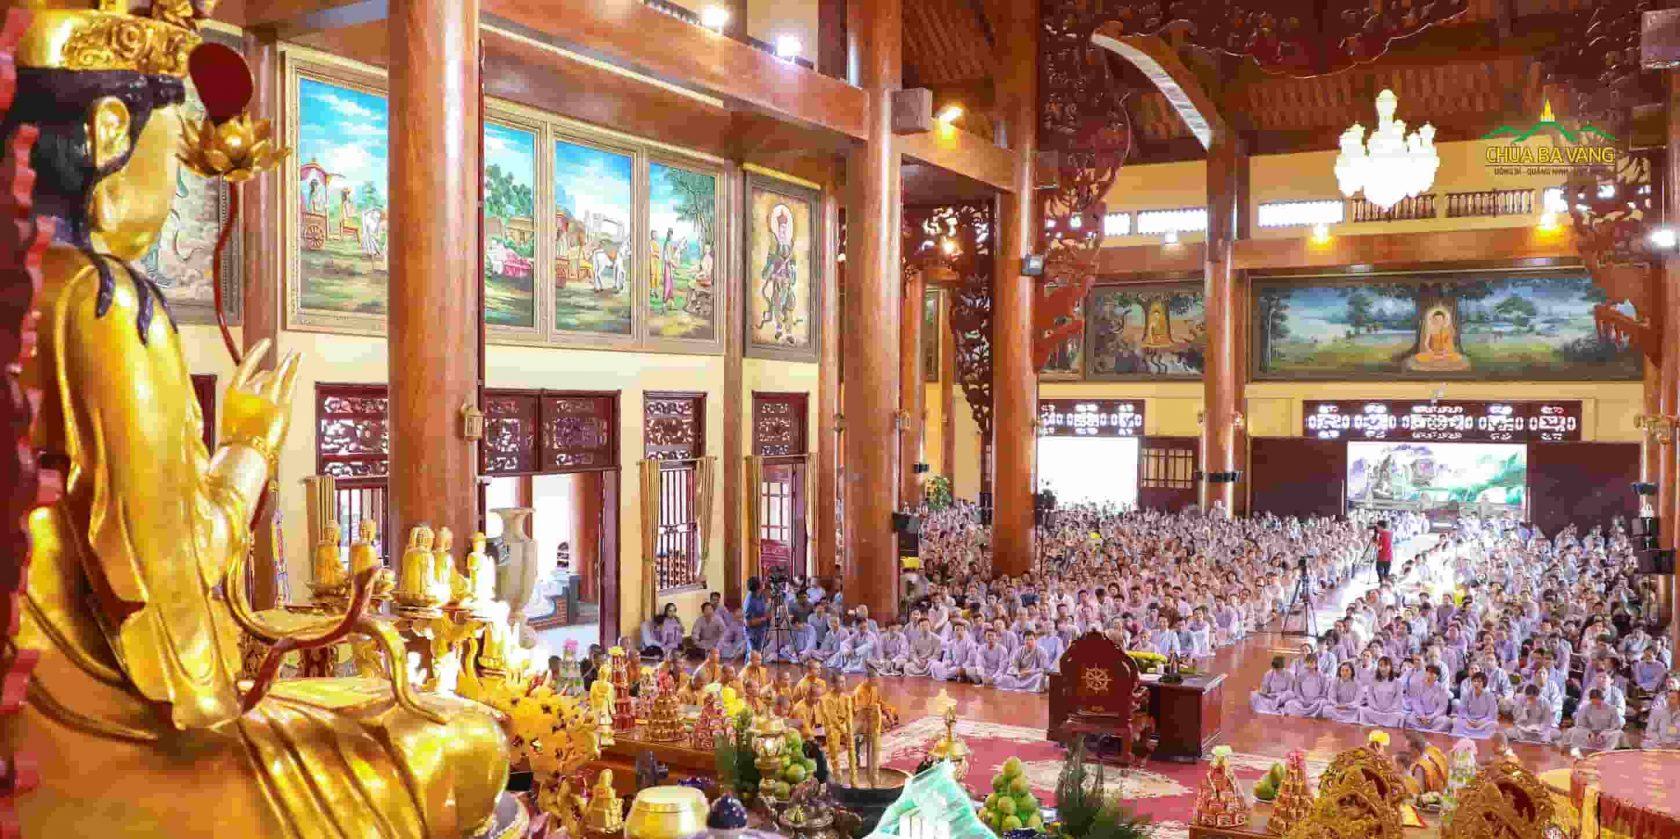 Đông đảo Phật tử về chùa nghe Pháp tại tầng 2 Chính điện Chùa Ba Vàng